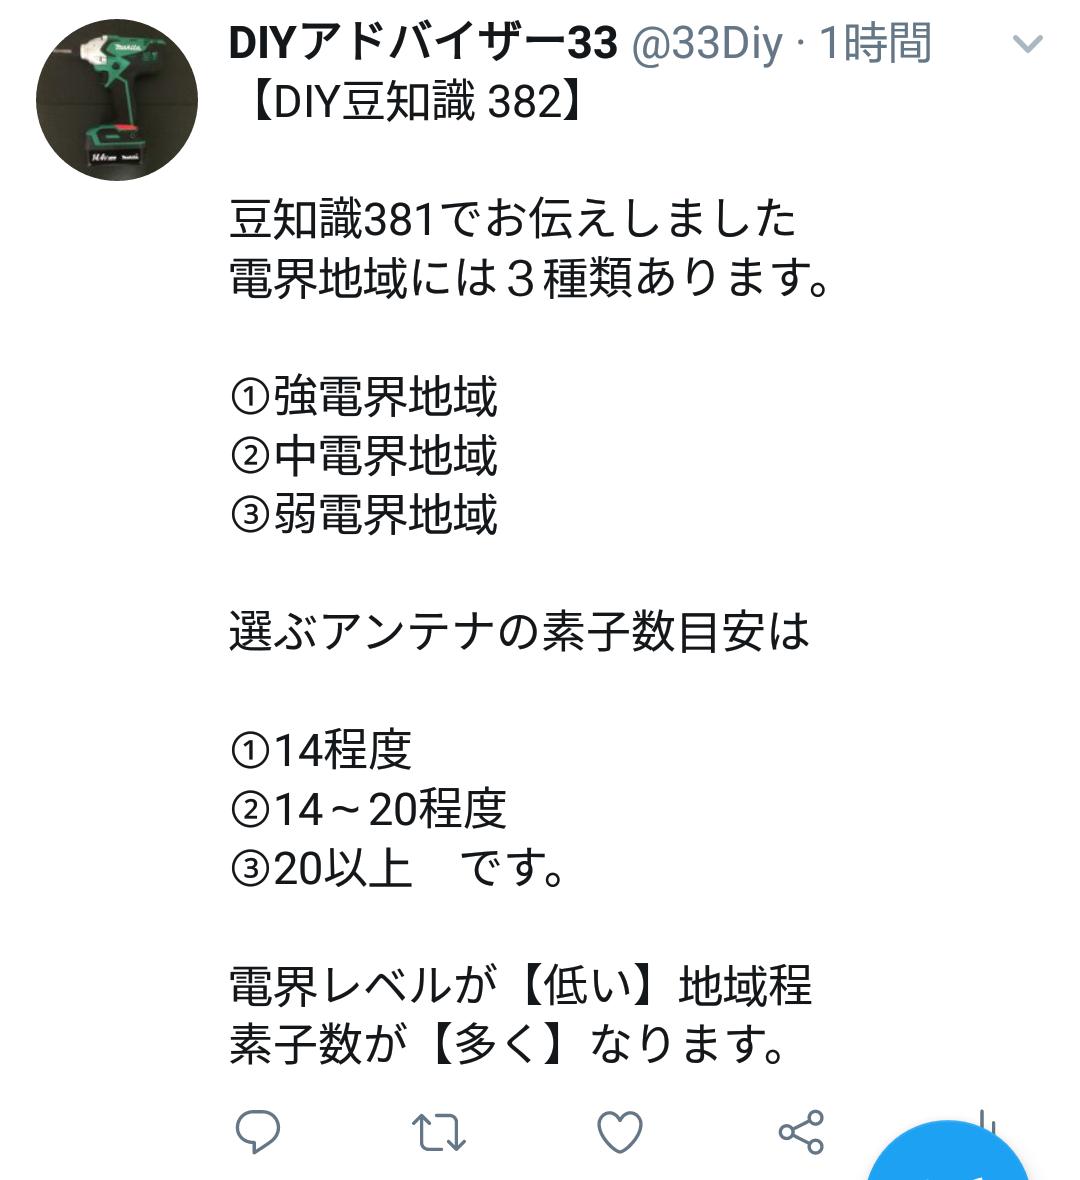 f:id:DIY33:20190430080300p:plain